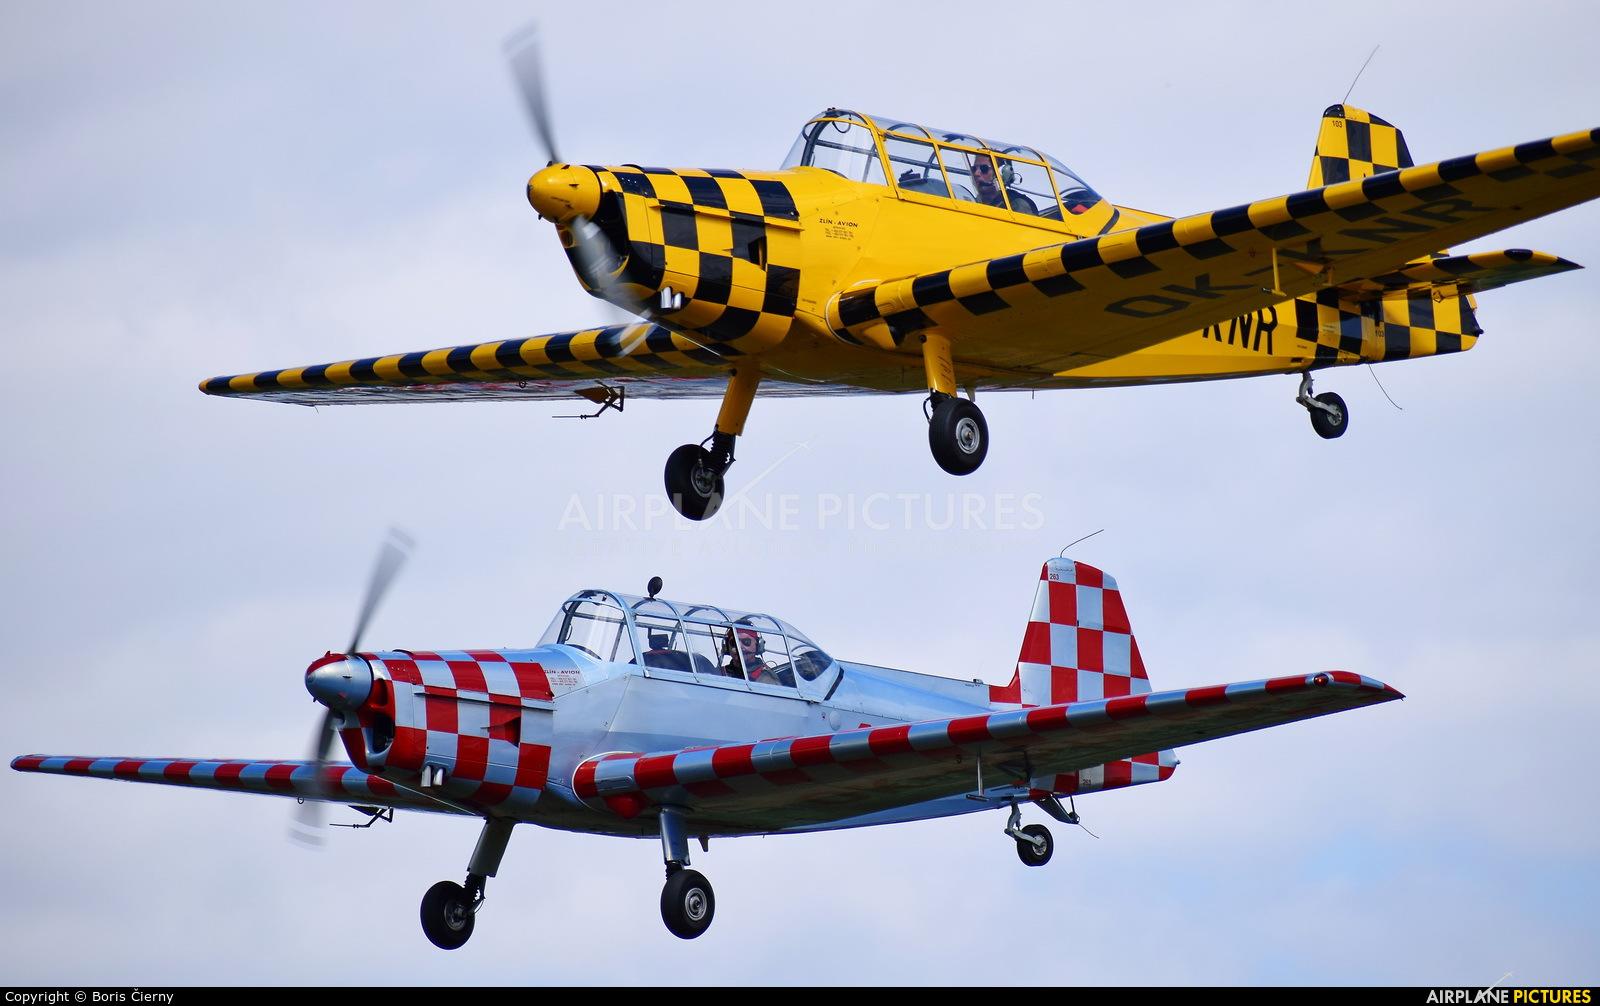 Aeroklub Czech Republic OK-KNR aircraft at Trnava- Boleráz